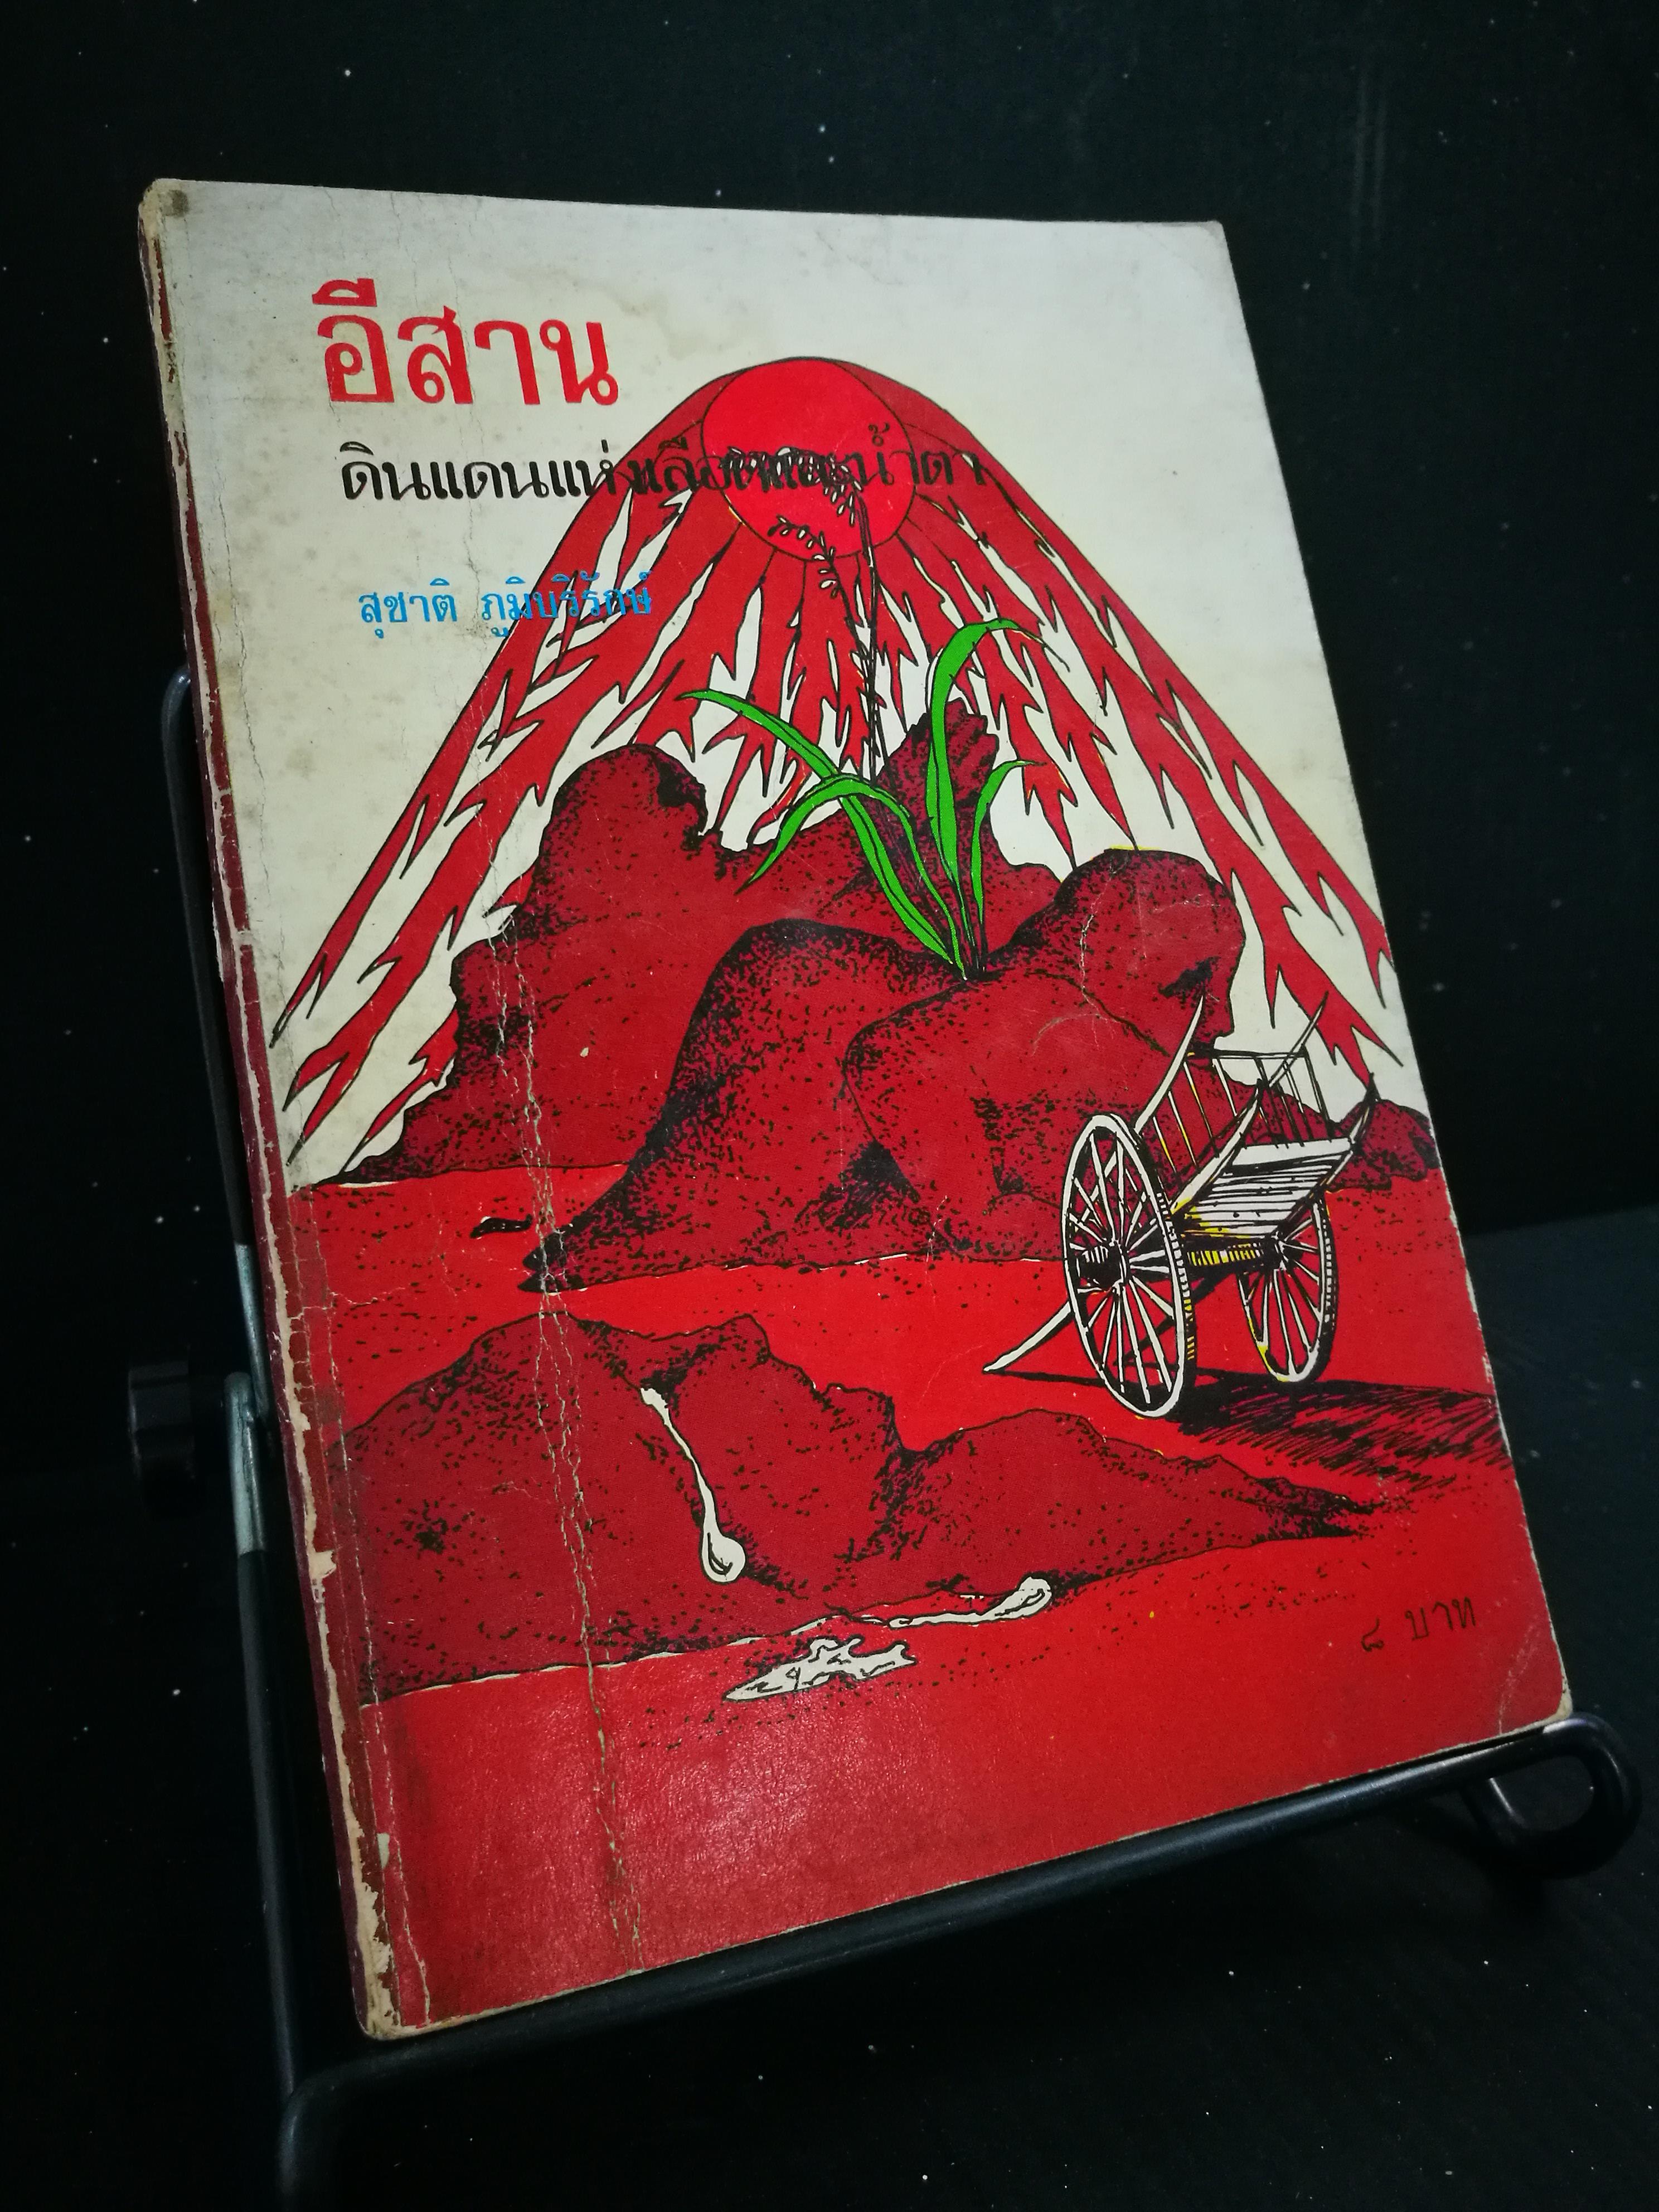 อีสานดินแดนแห่งเลือดและน้ำตา - หนังสือต้องห้าม